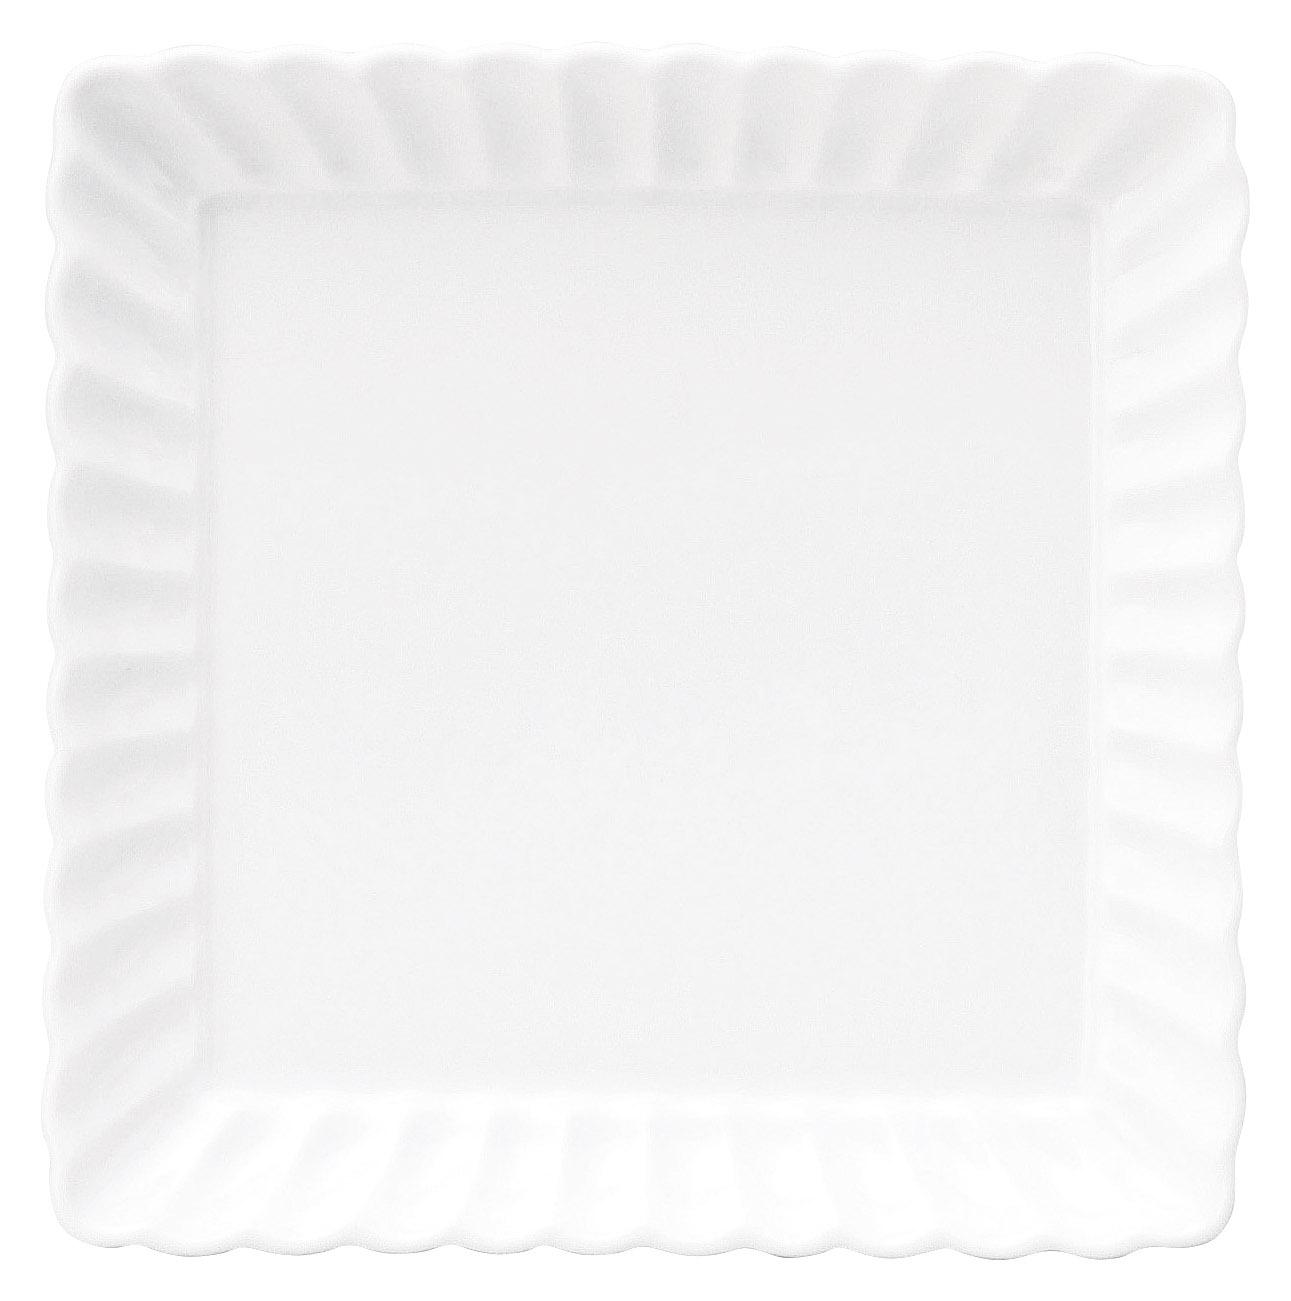 かすみ 白 13.5cm正角皿